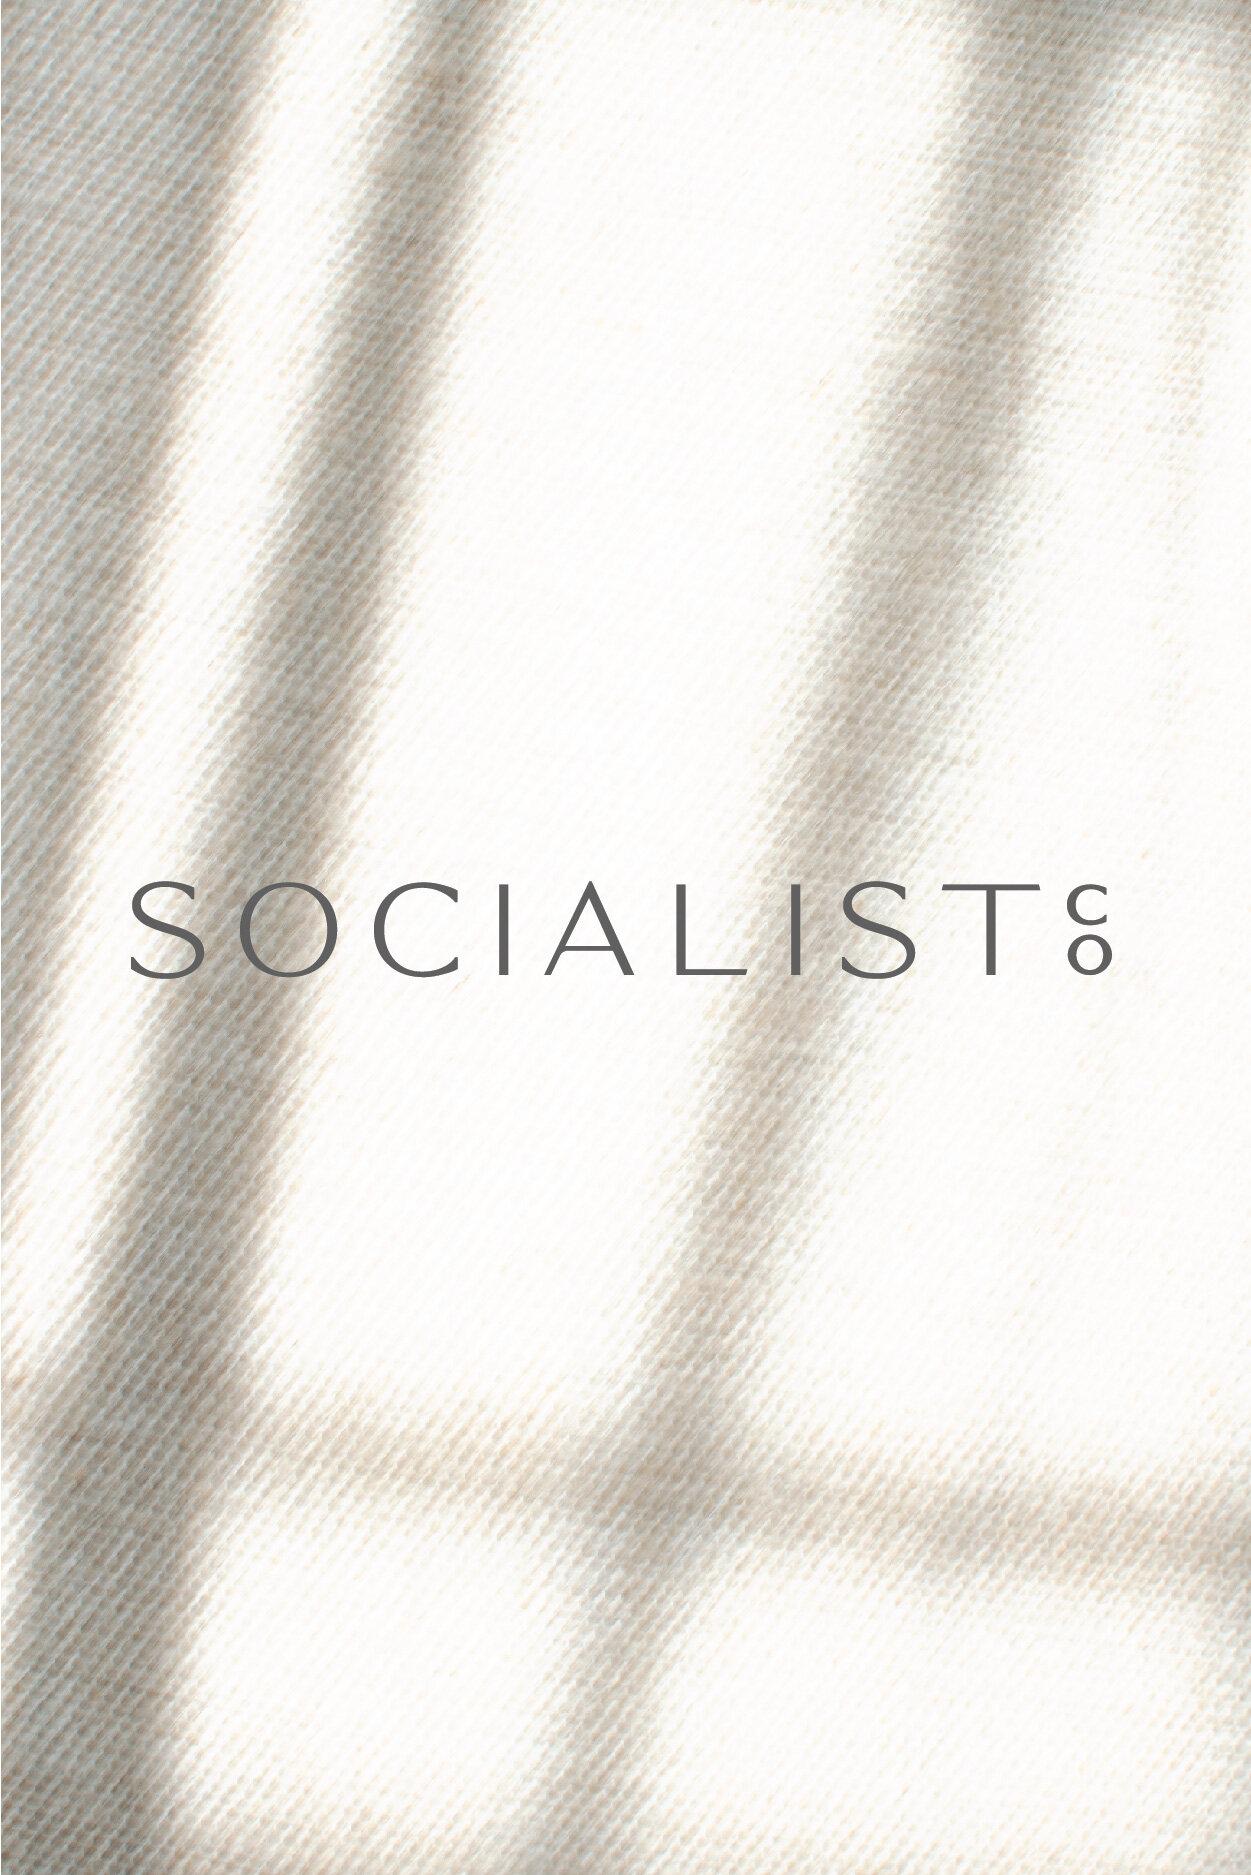 socialist_pinterest-02.jpg